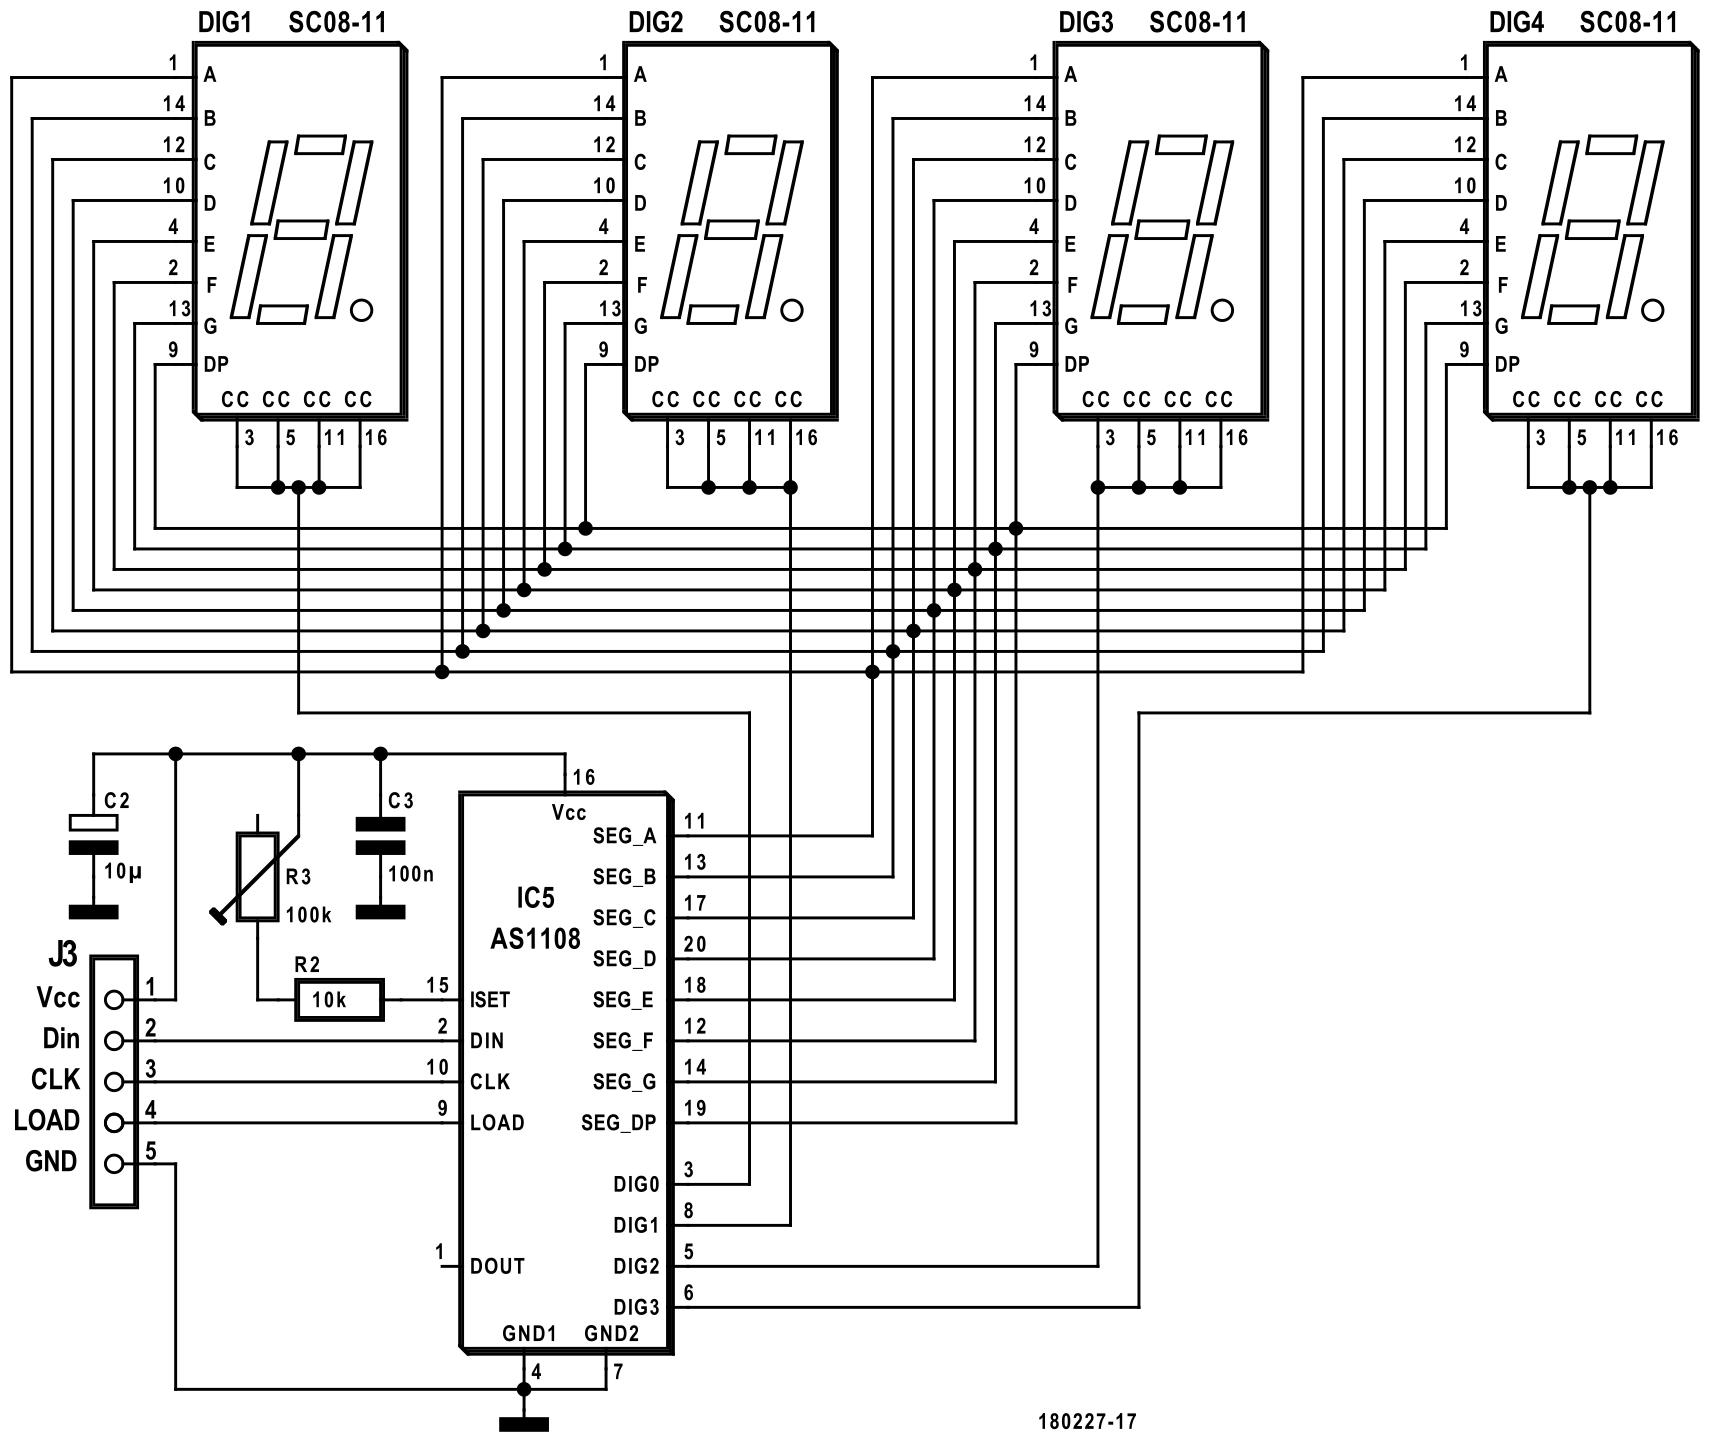 Figura 1: il circuito del modulo a display utilizza solo un driver di visualizzazione e quattro display a 7 segmenti